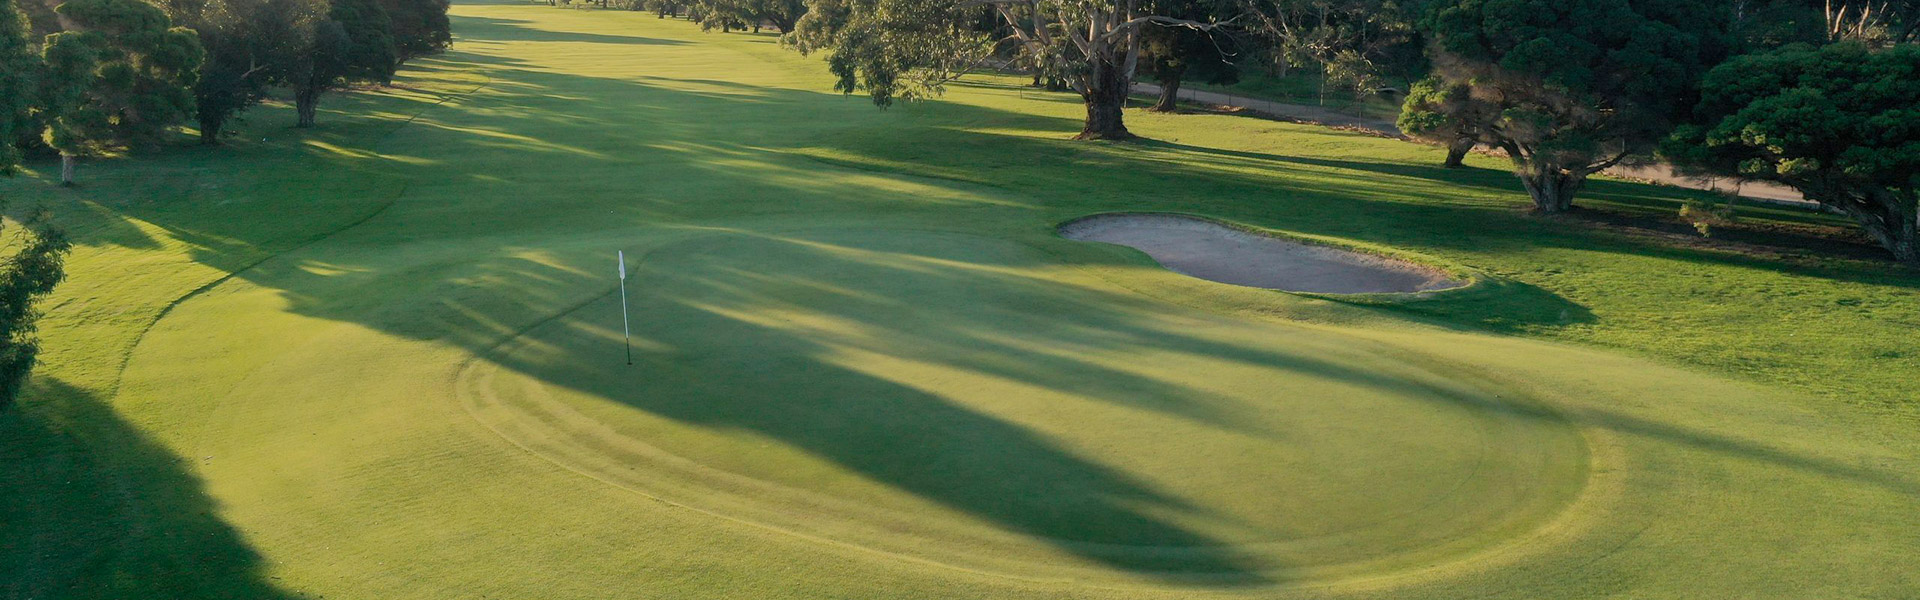 Hole 5 - Rossdale Golf Club